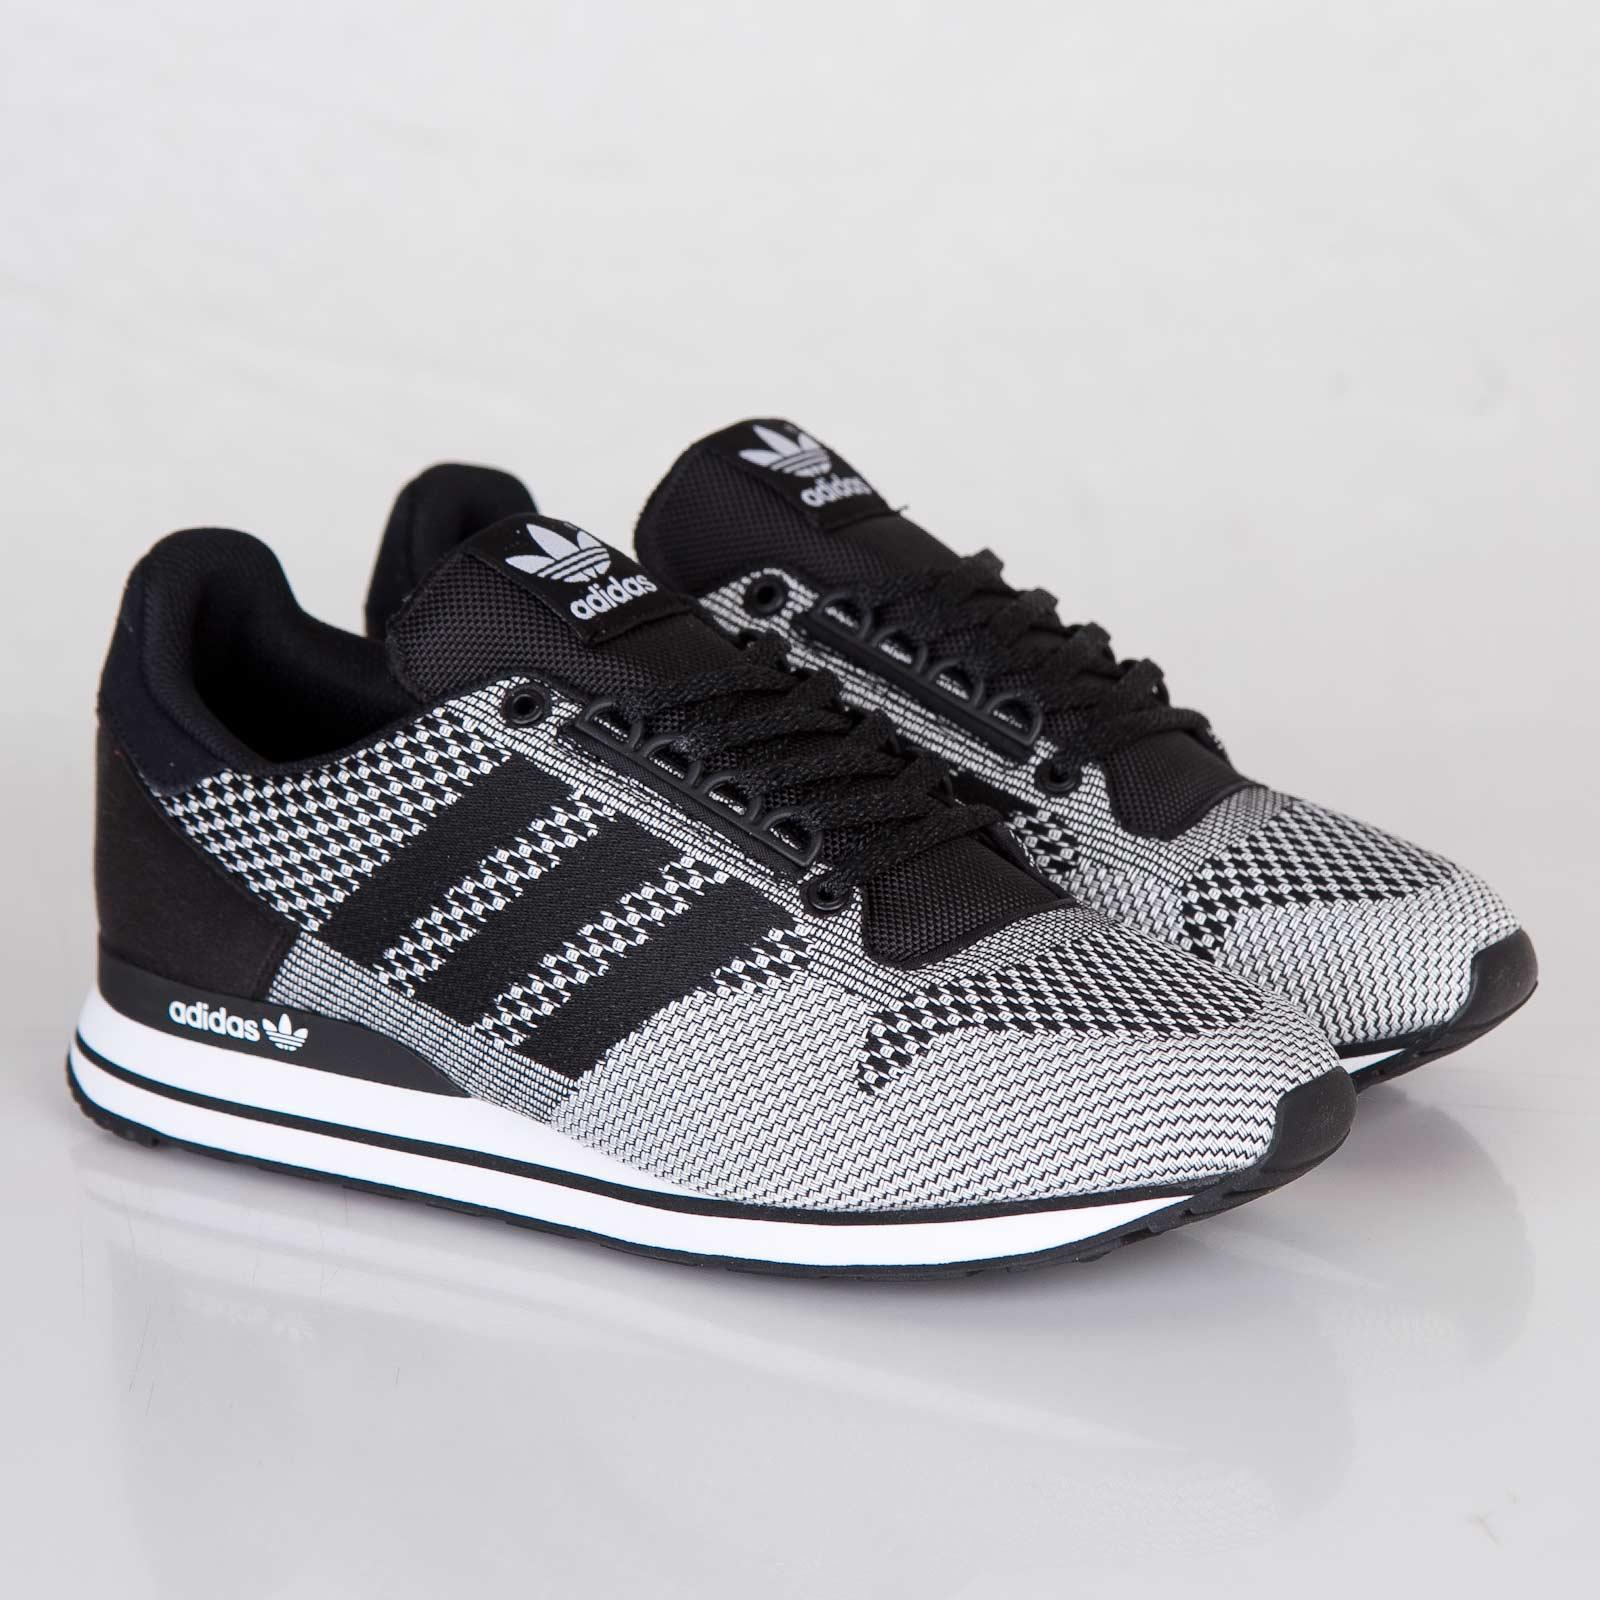 a90f0b8b2 adidas ZX 500 OG Weave - M20993 - Sneakersnstuff